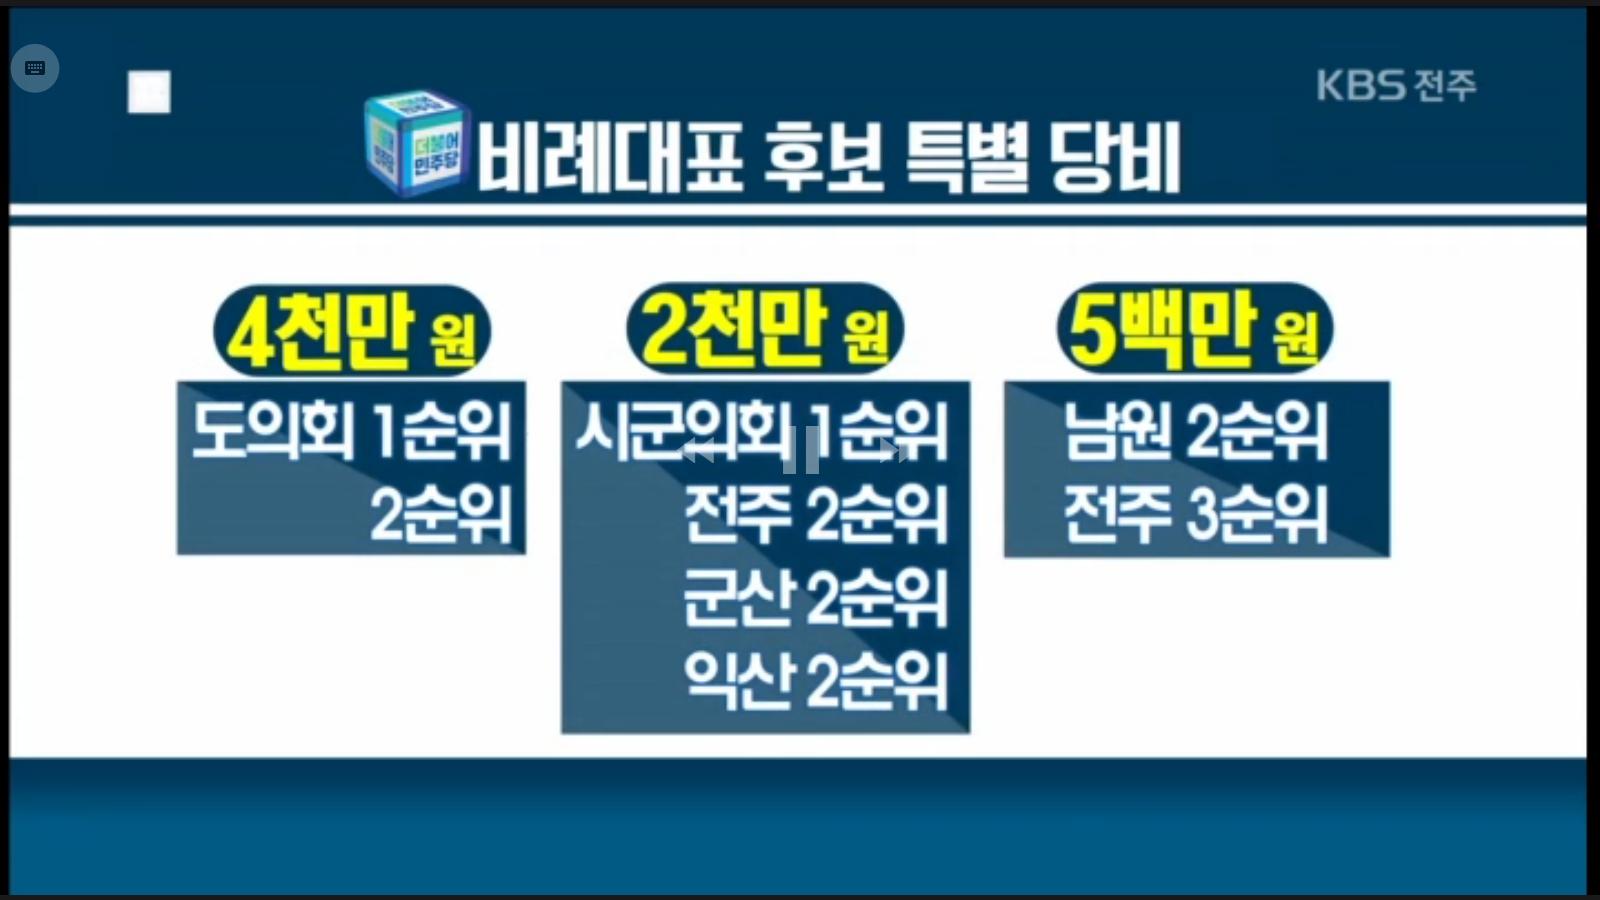 [18.5.23 KBS전주] 민주당전북도당, 비례대표 거액 당비...공천 장사 파문2.jpg